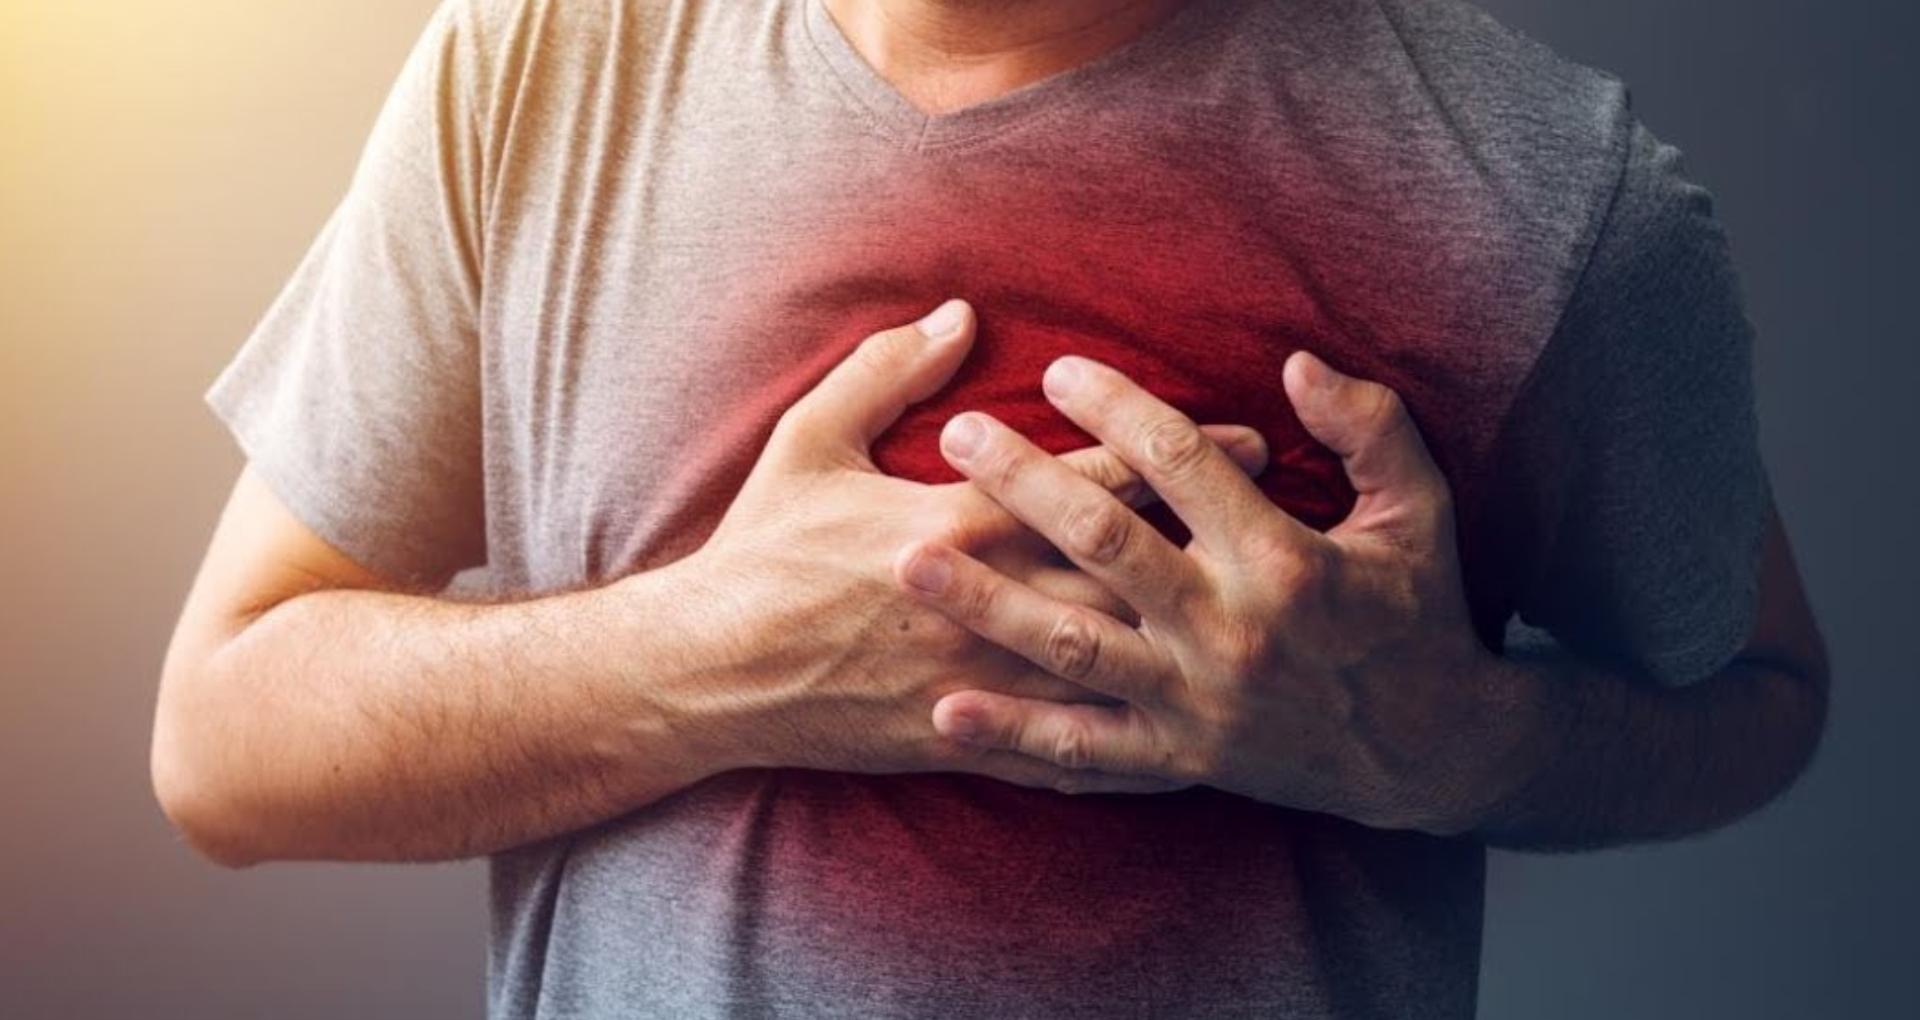 Health Tips: इन 5 वजहों से बढ़ सकता है हार्ट अटैक का खतरा, यूं रहें इस बीमारी से दूर